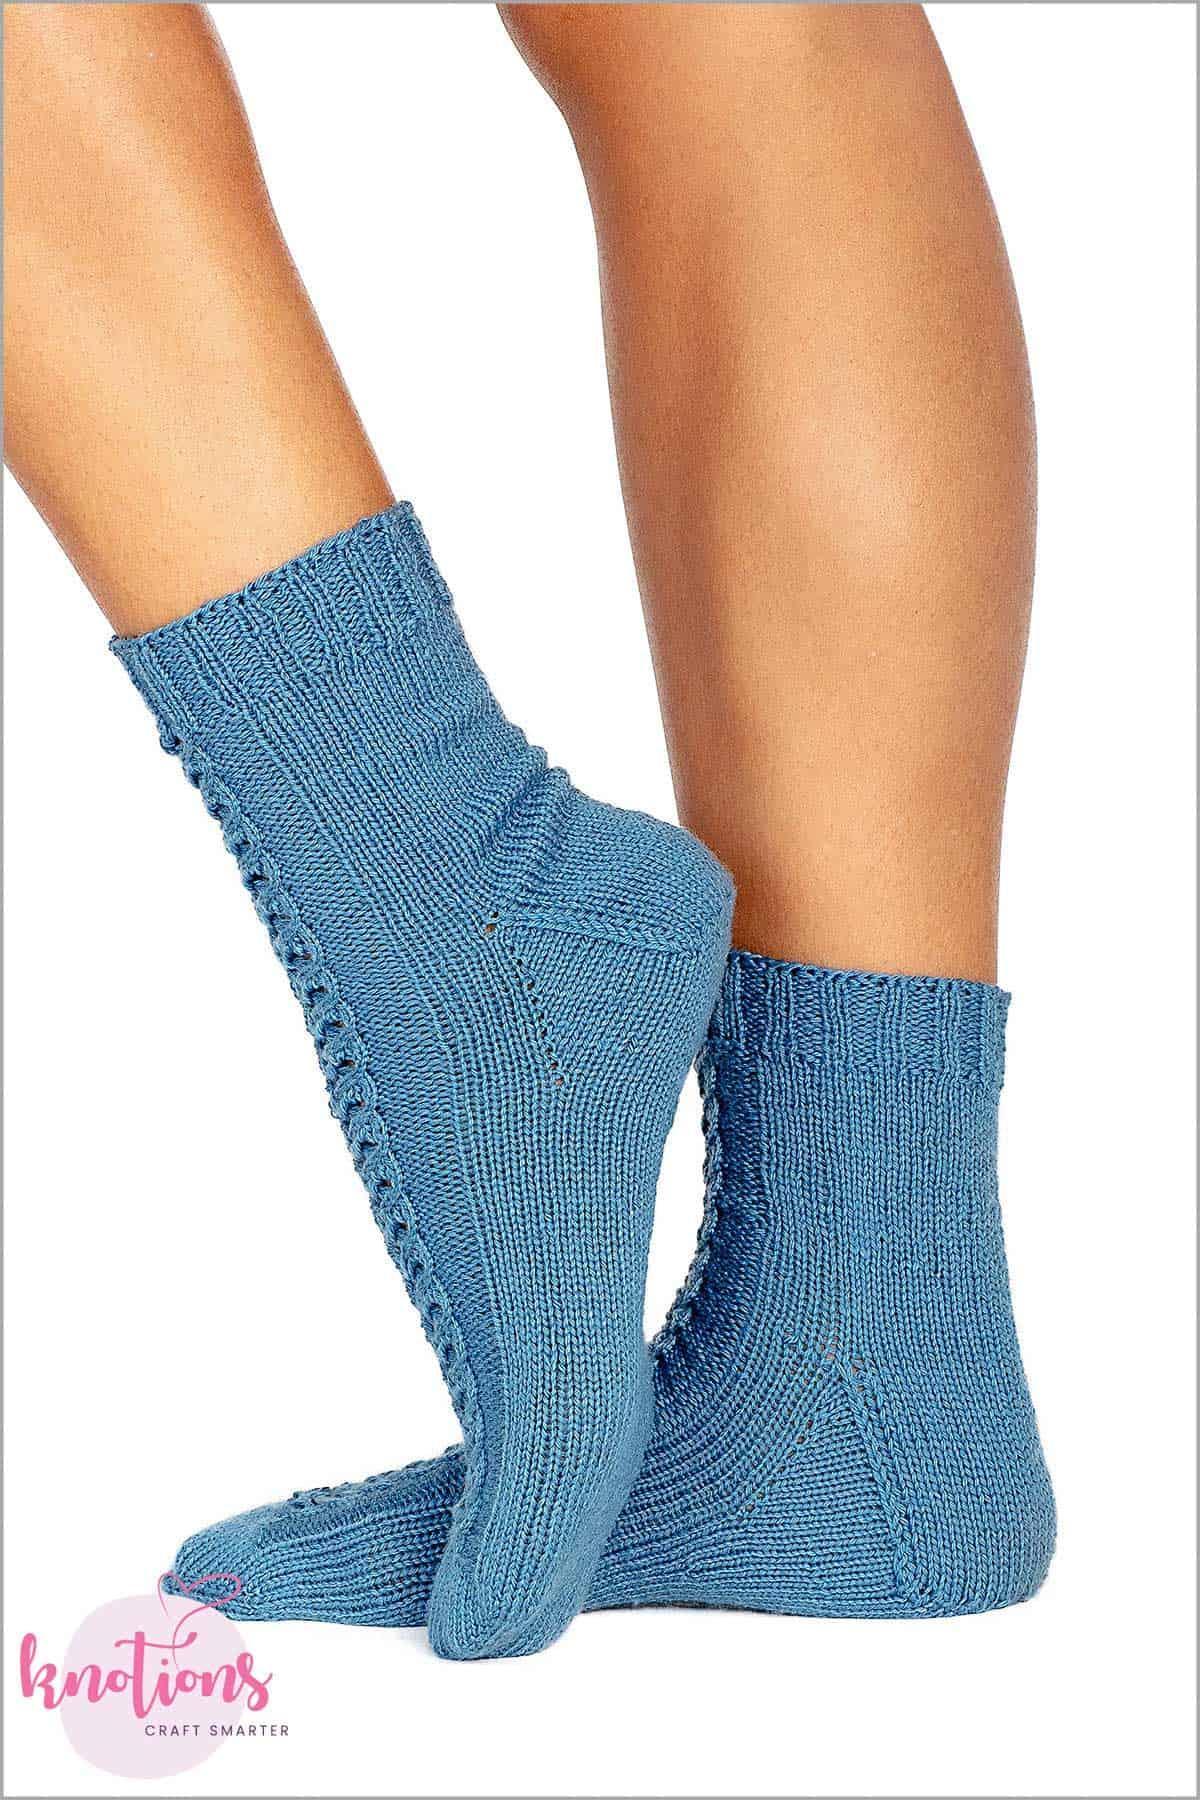 nightowl-socks-7